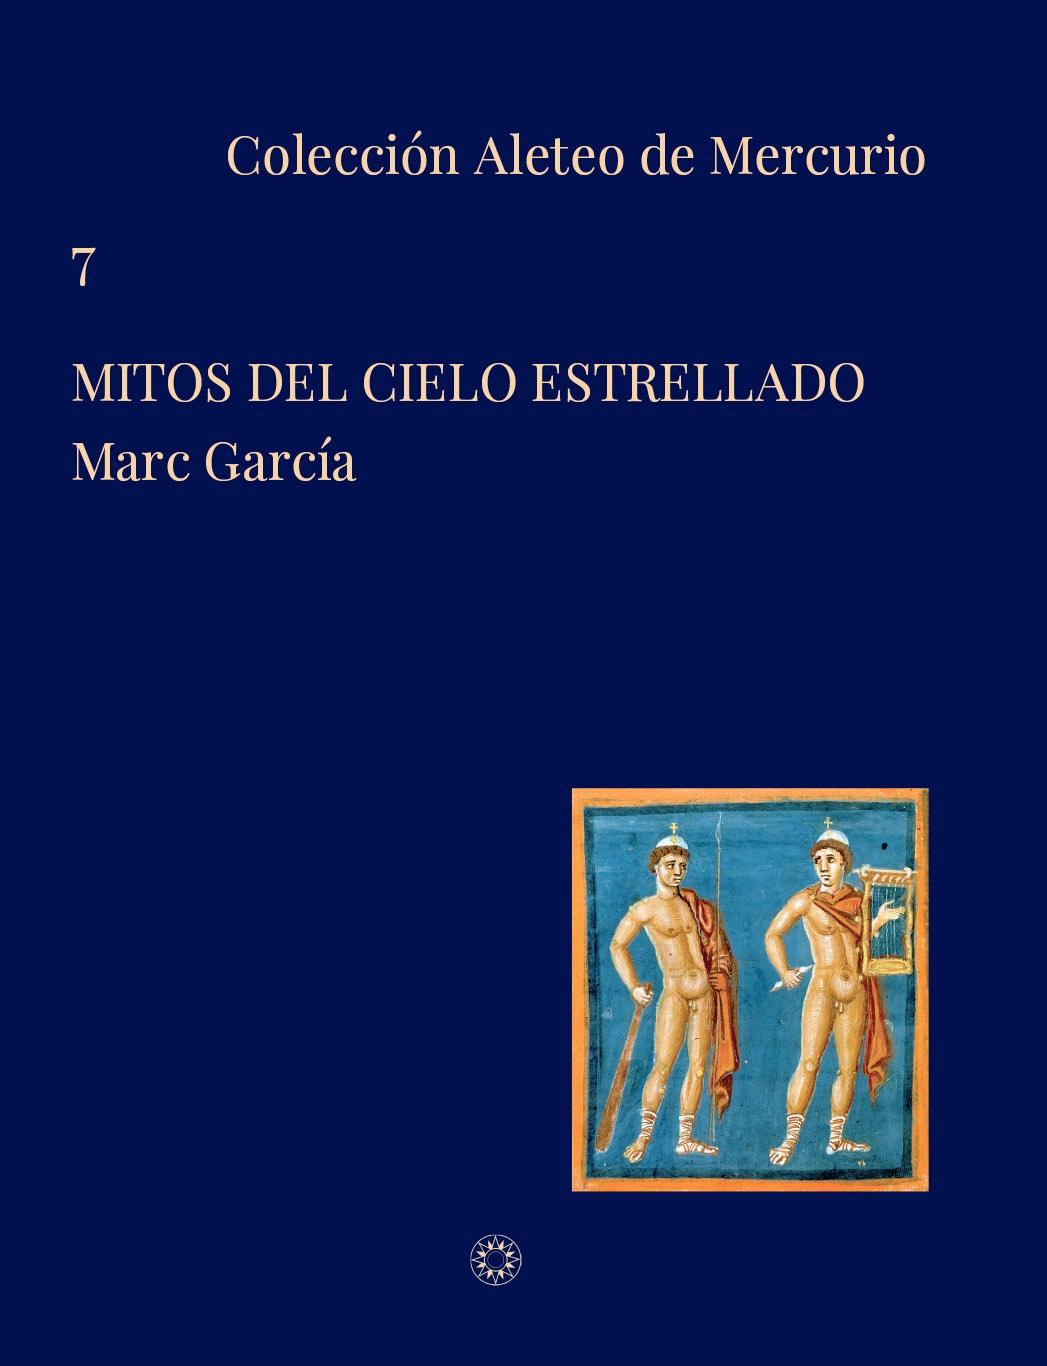 Novedad: Mitos del cielo estrellado, de Marc García